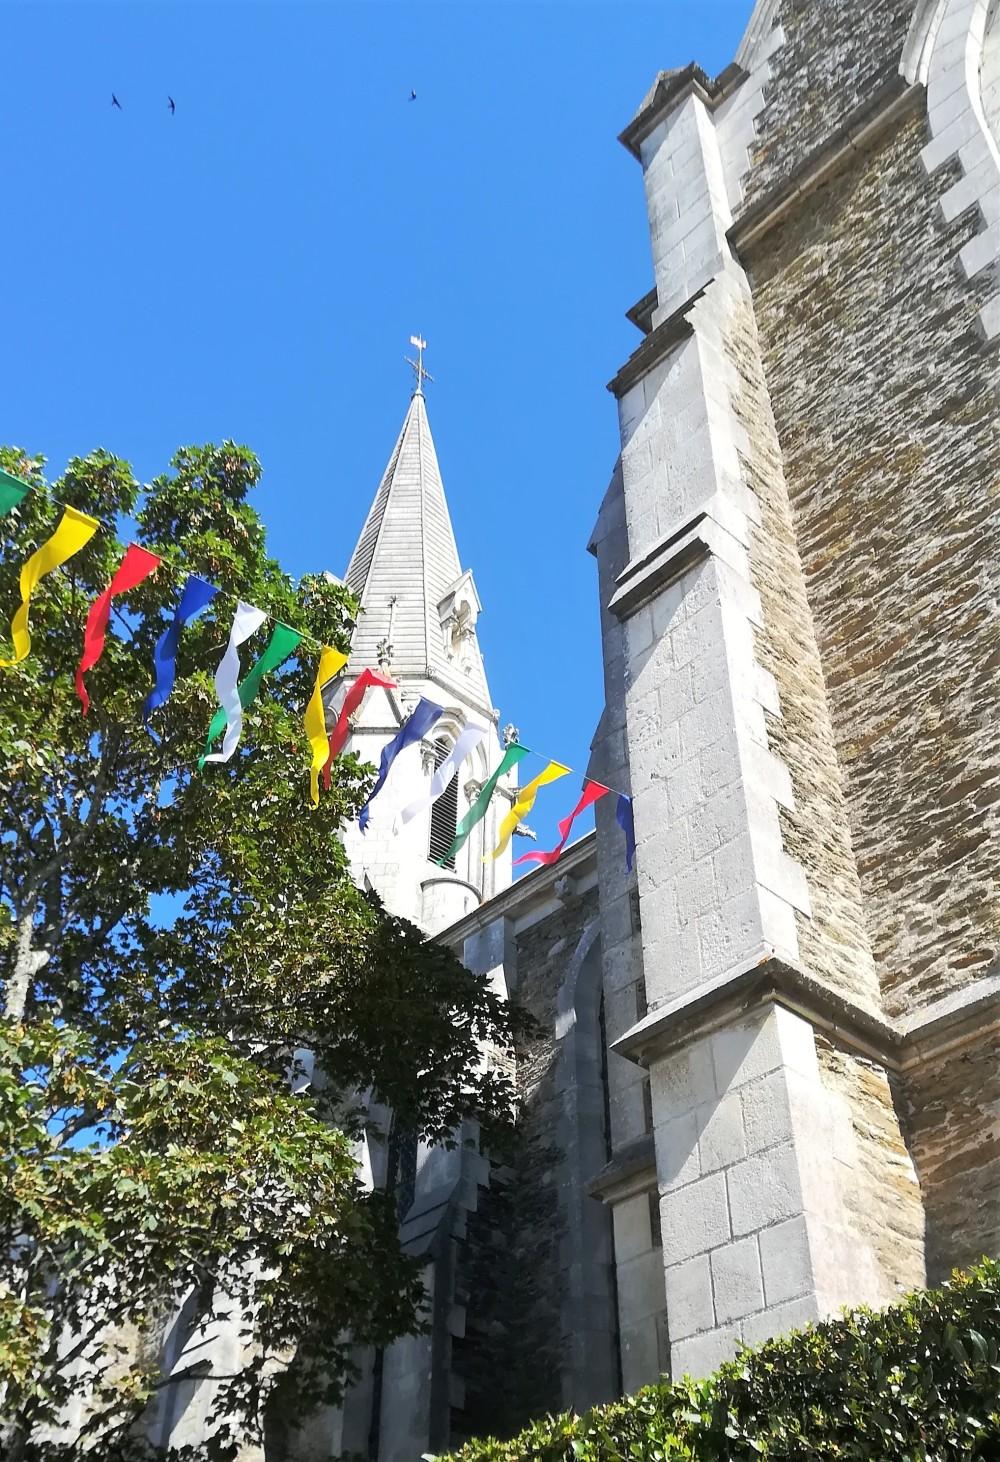 14 juillet ....autour de l'église de Ste Marie